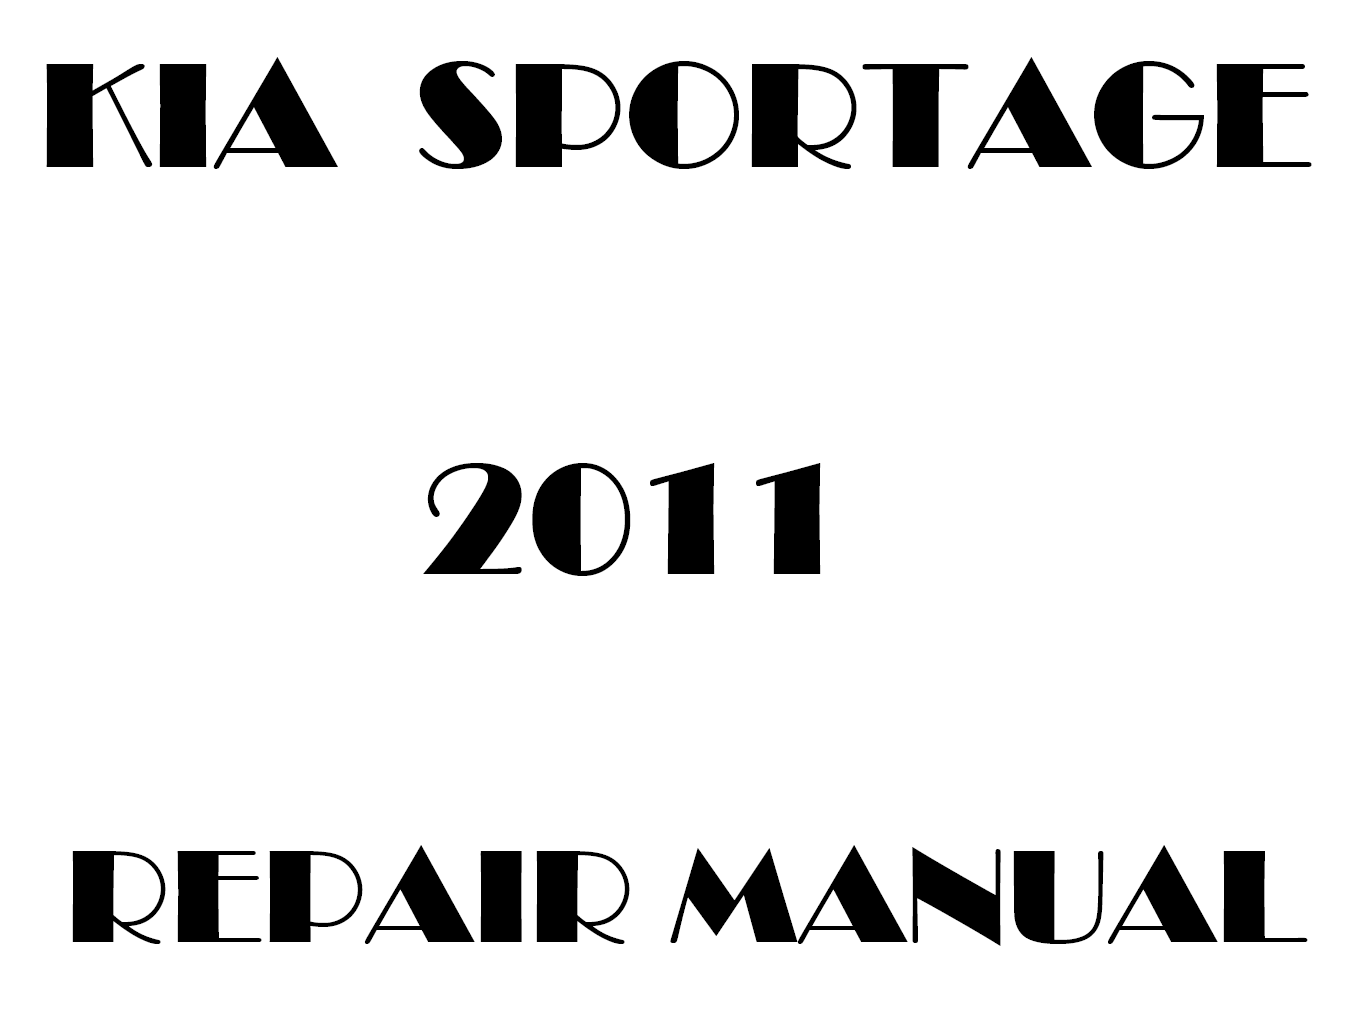 2011 Kia Sportage repair manual